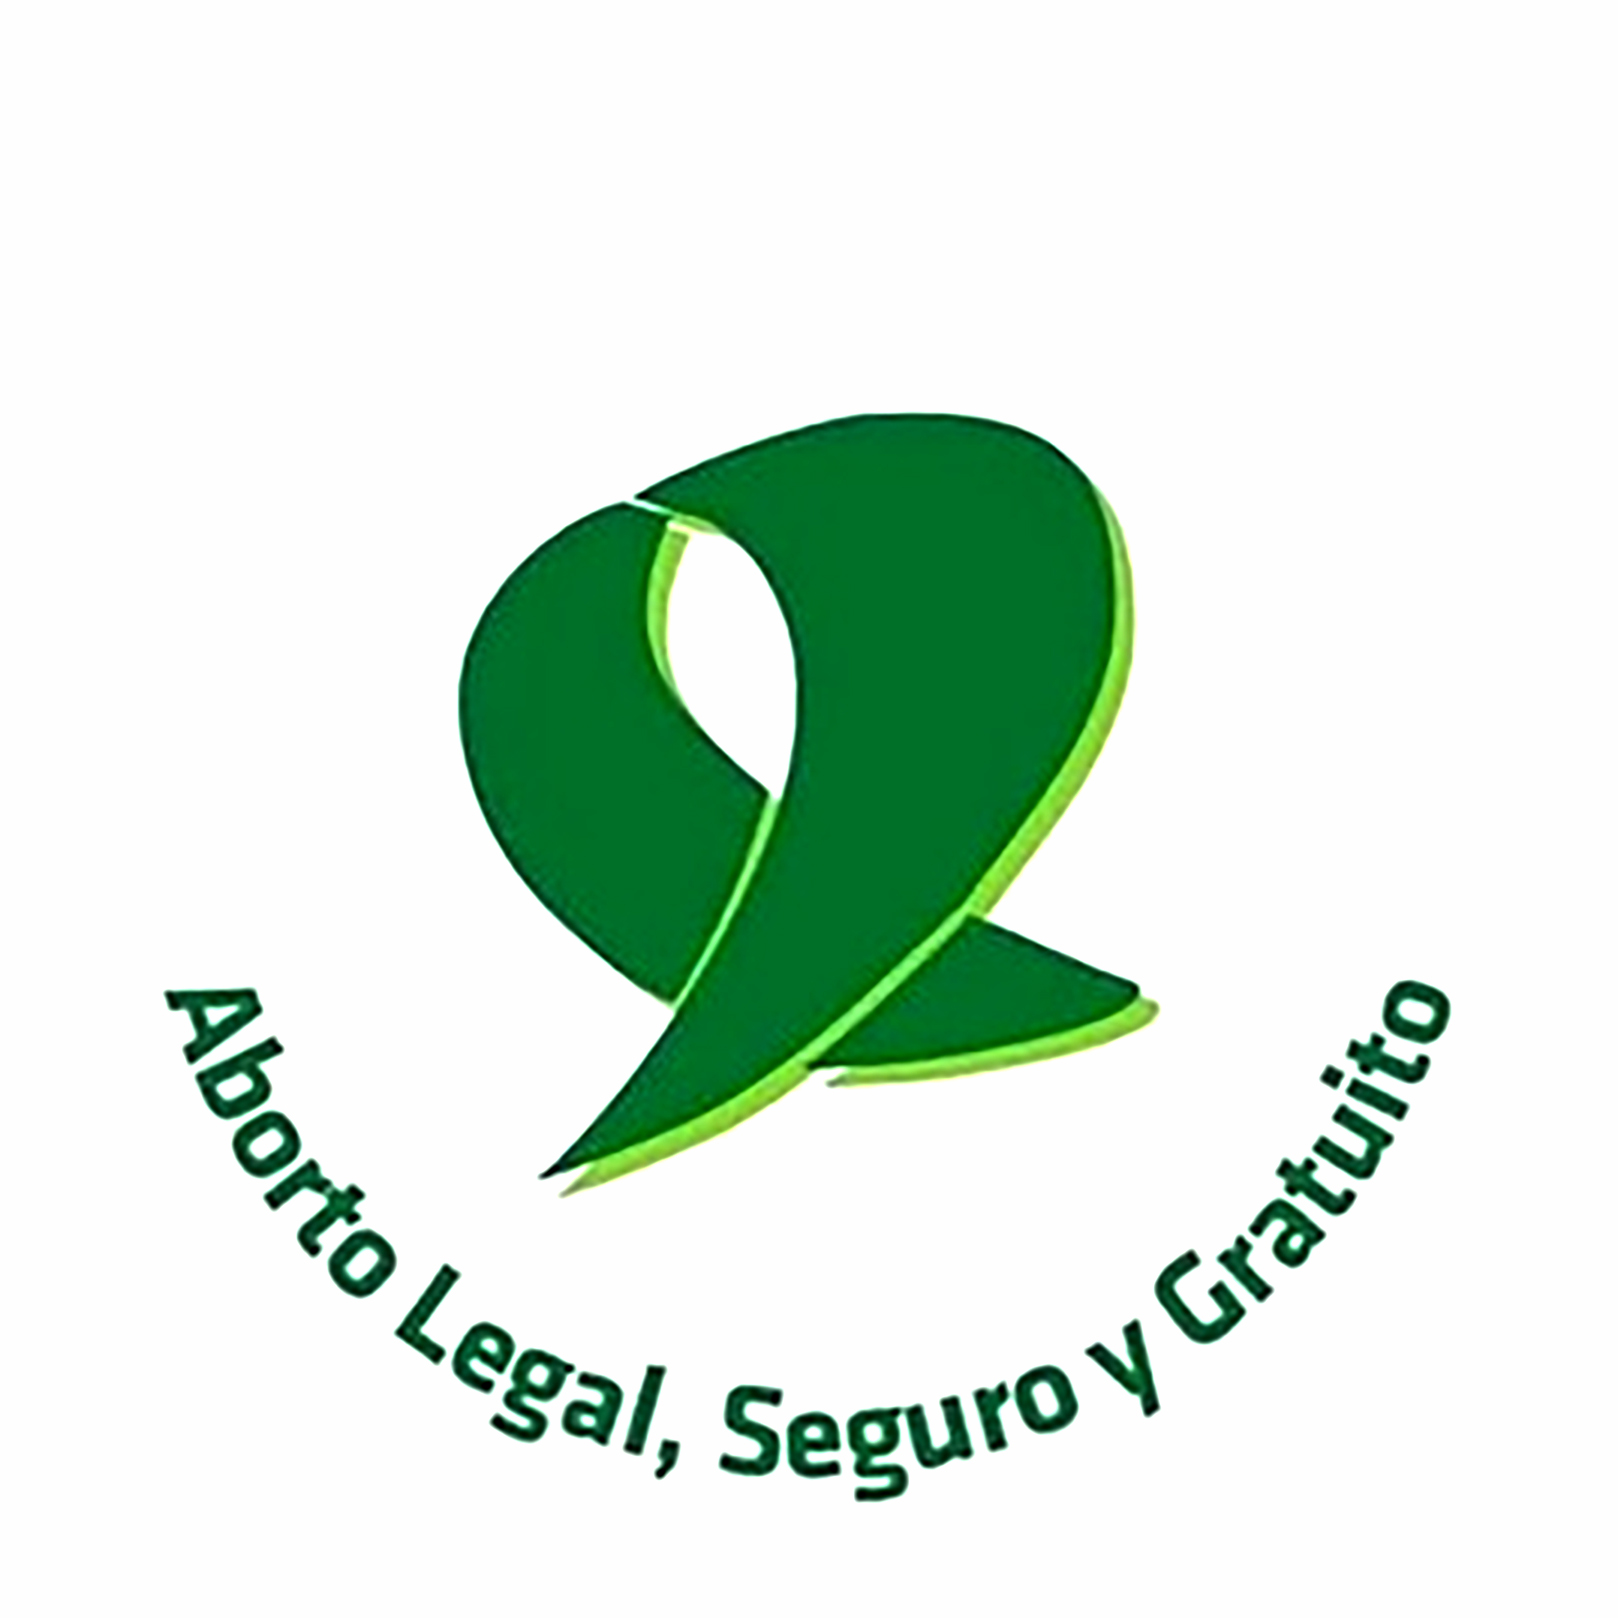 Argentina vuelve a hacer historia y legaliza el aborto